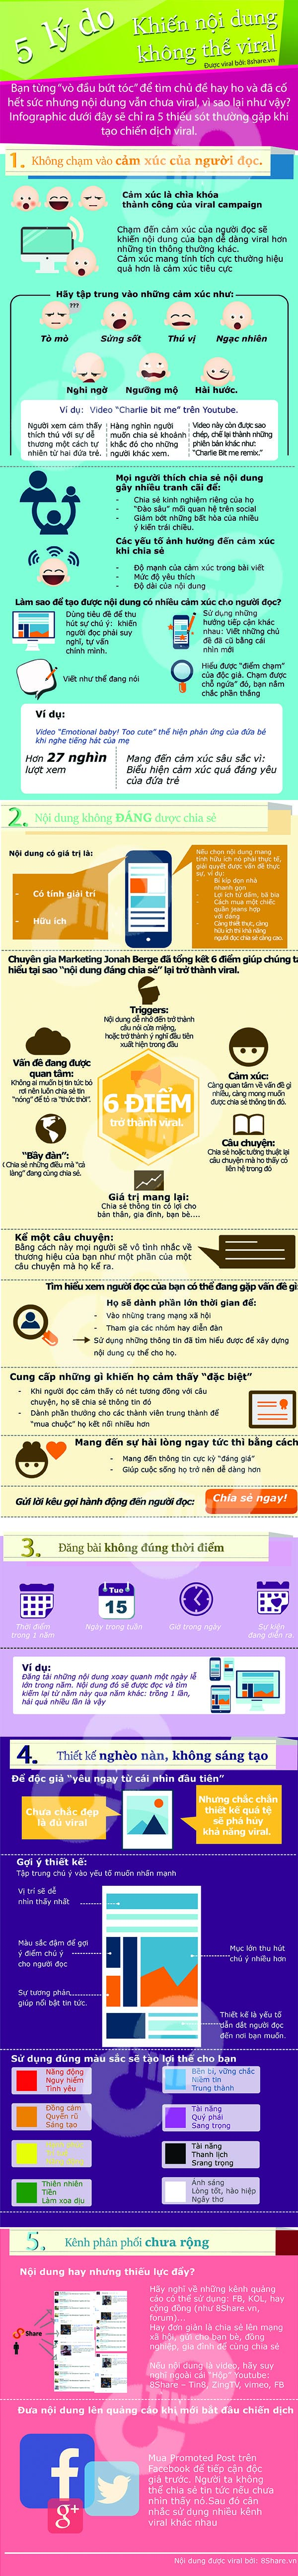 5-ly-do-khien-noi-dung-khong-the-viral